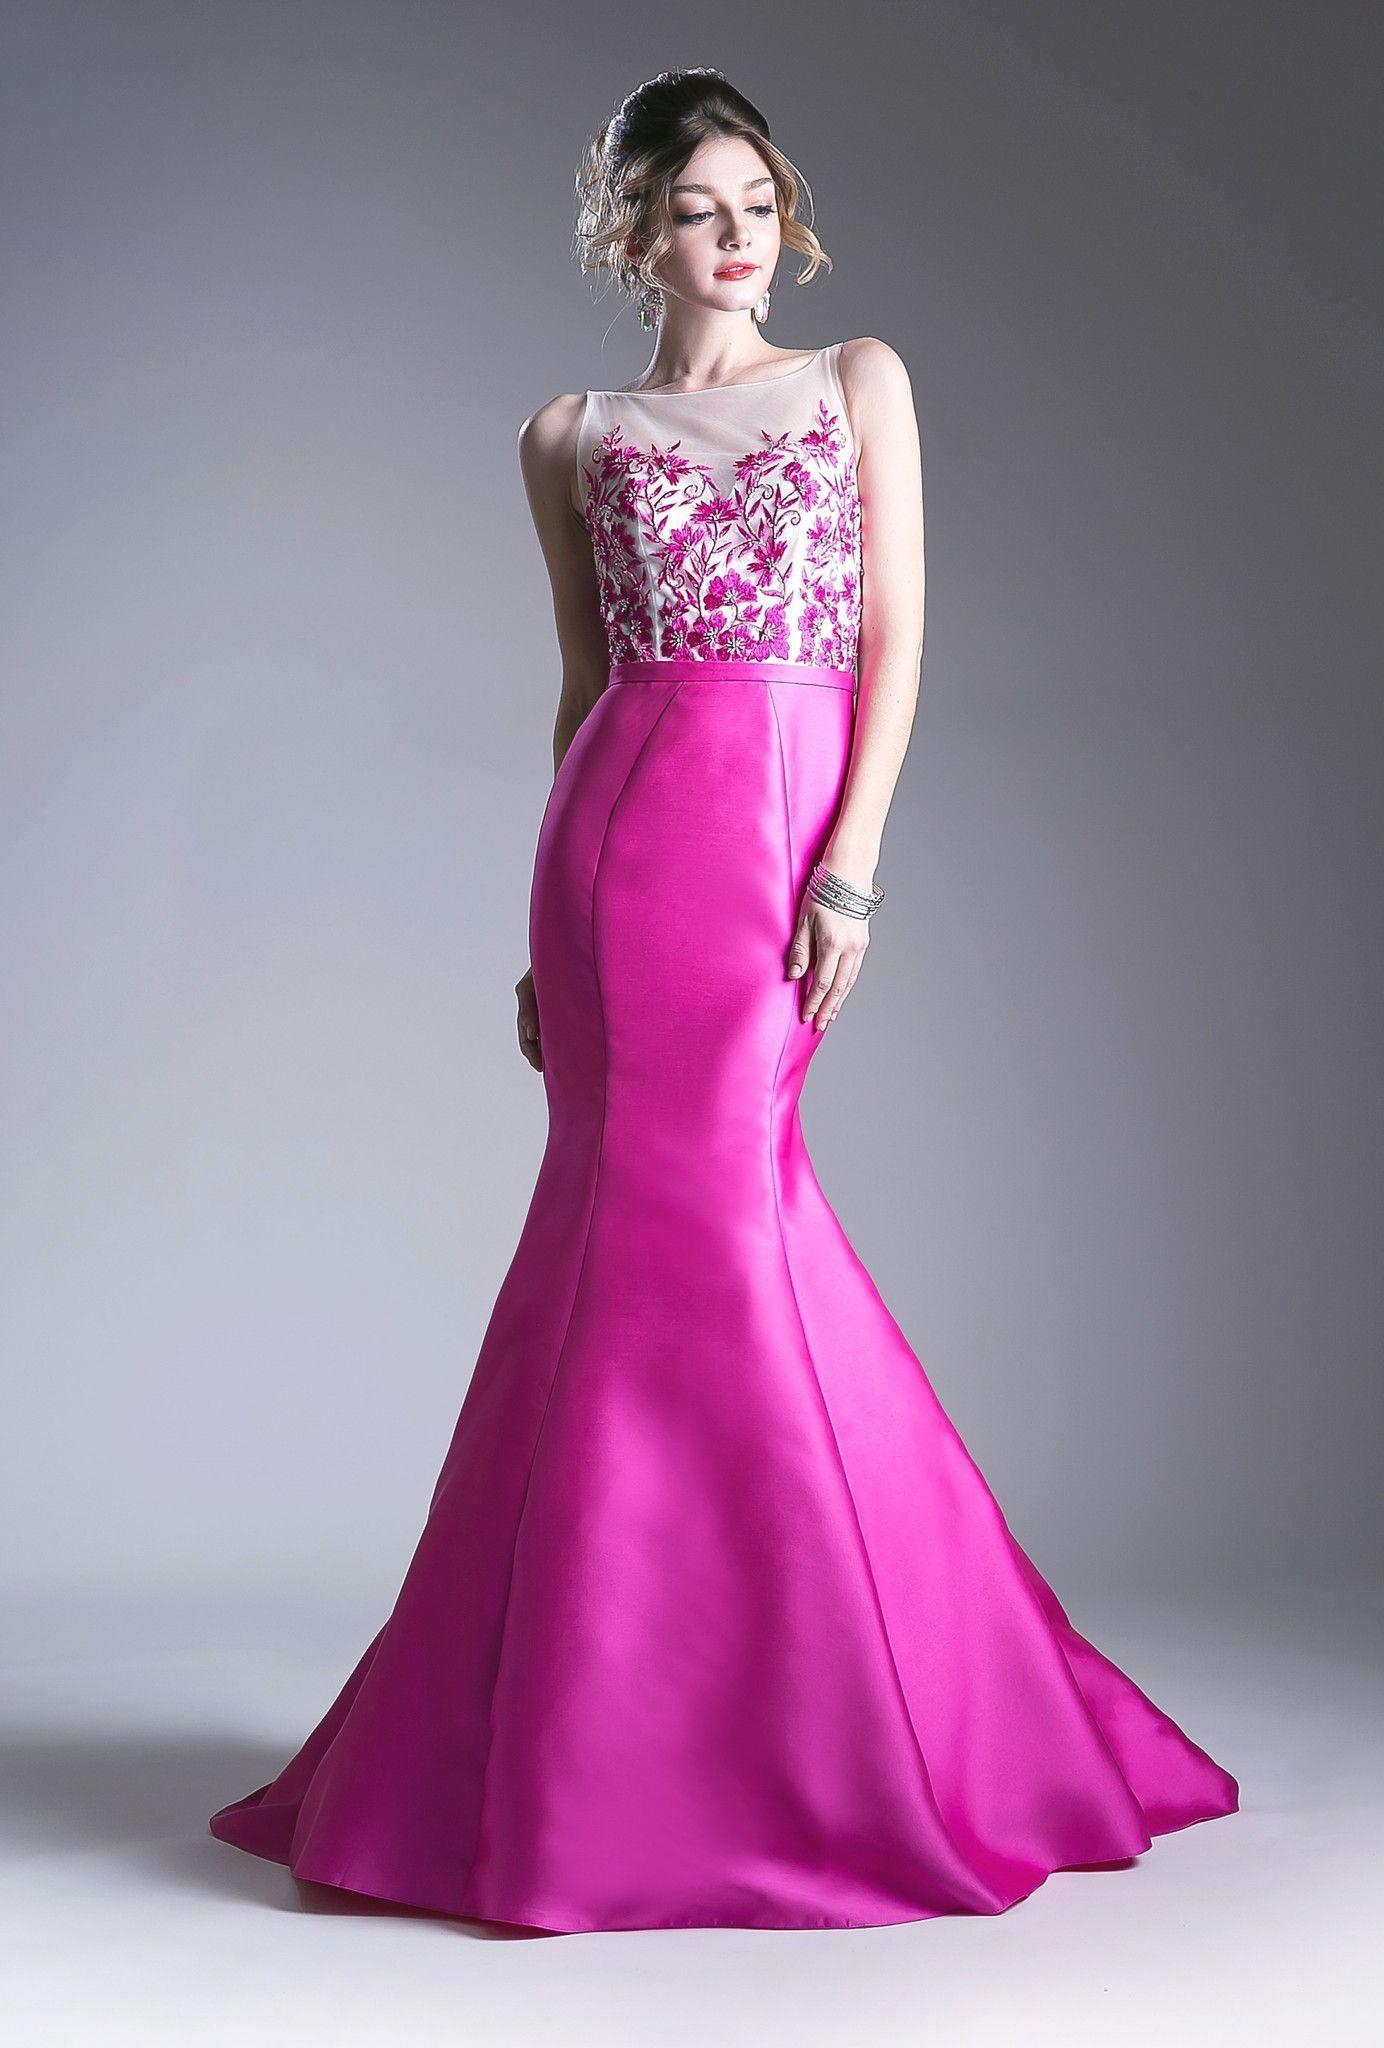 Famoso Vestidos De Novia De Sirena Con Diamantes Motivo - Colección ...